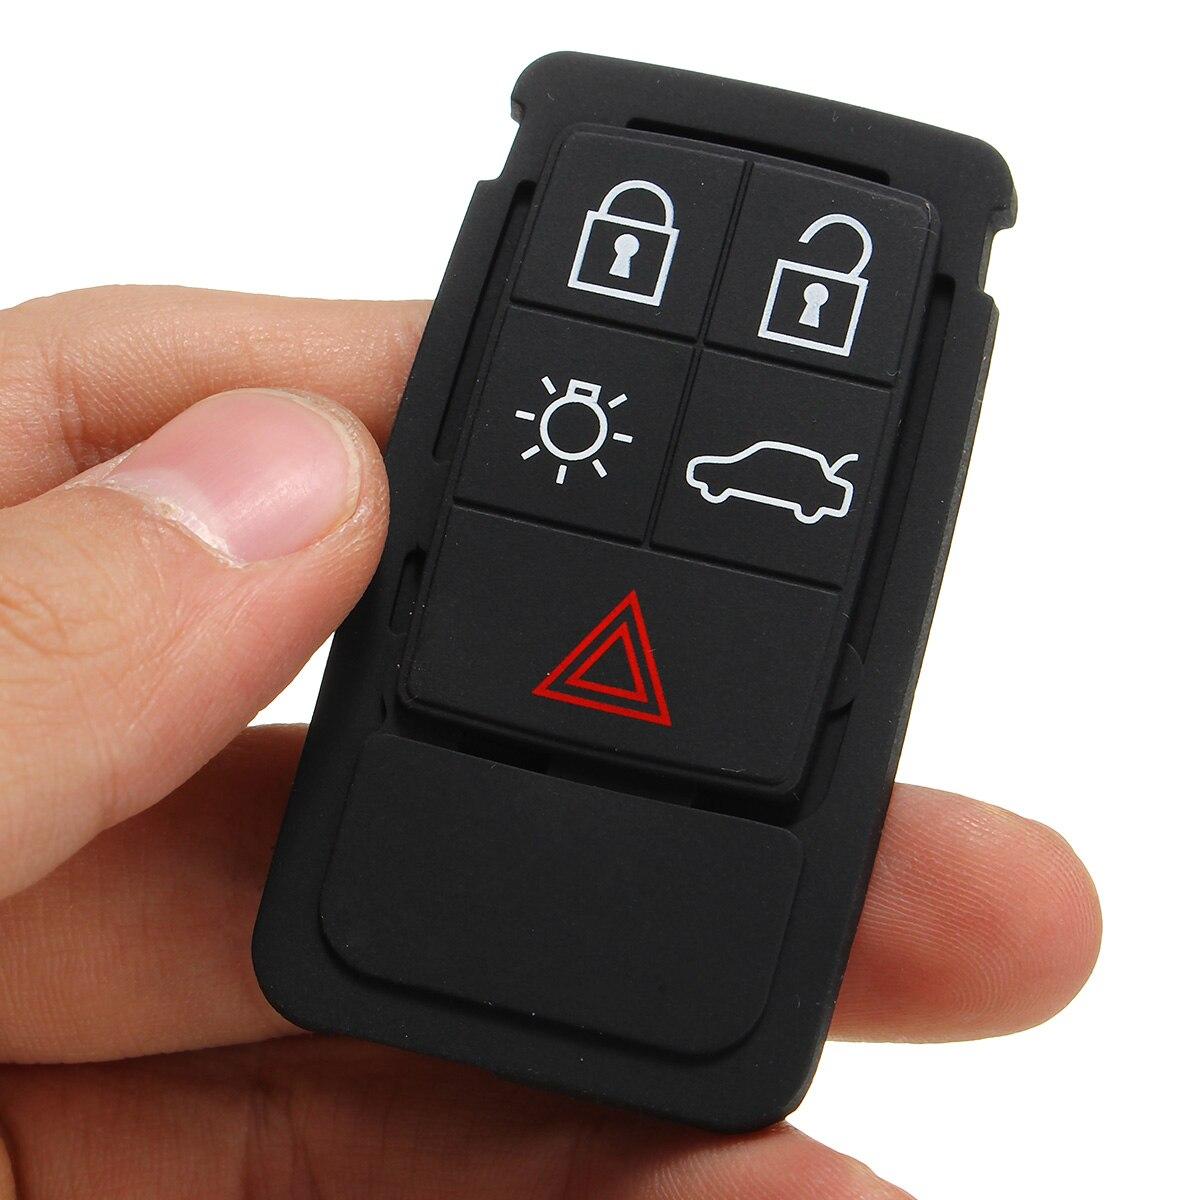 5 кнопок дистанционного ключа резиновая накладка замена FOB подходит для Volvo S60 S80 XC70 XC90 черный резиновый коврик дистанционного ключа FOB Силико...